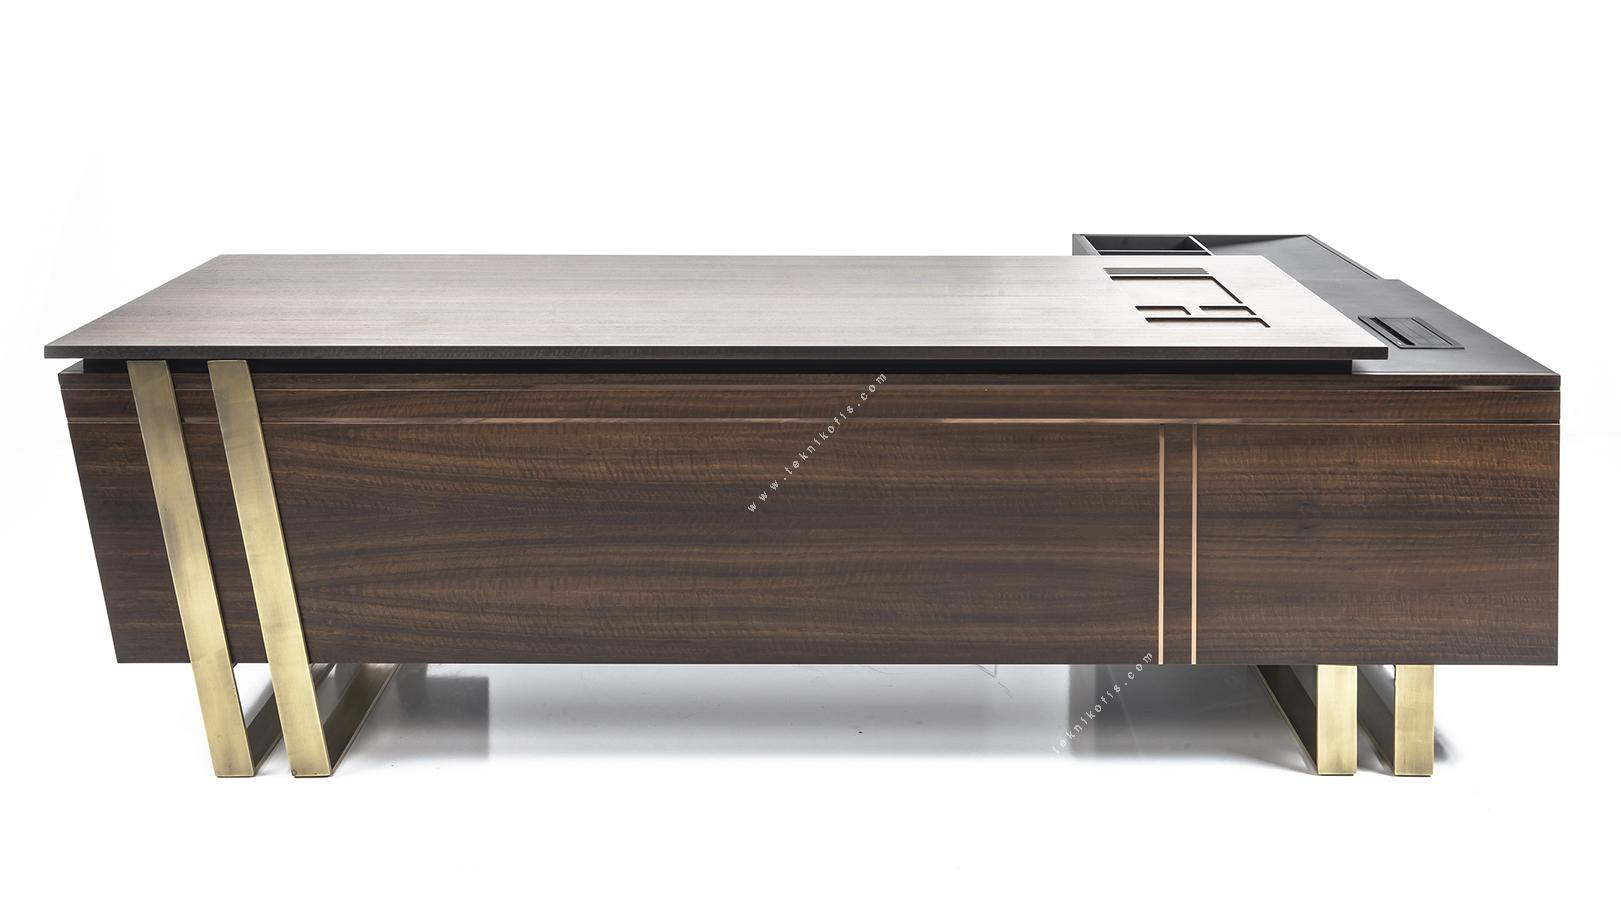 marble etajerli makam masası